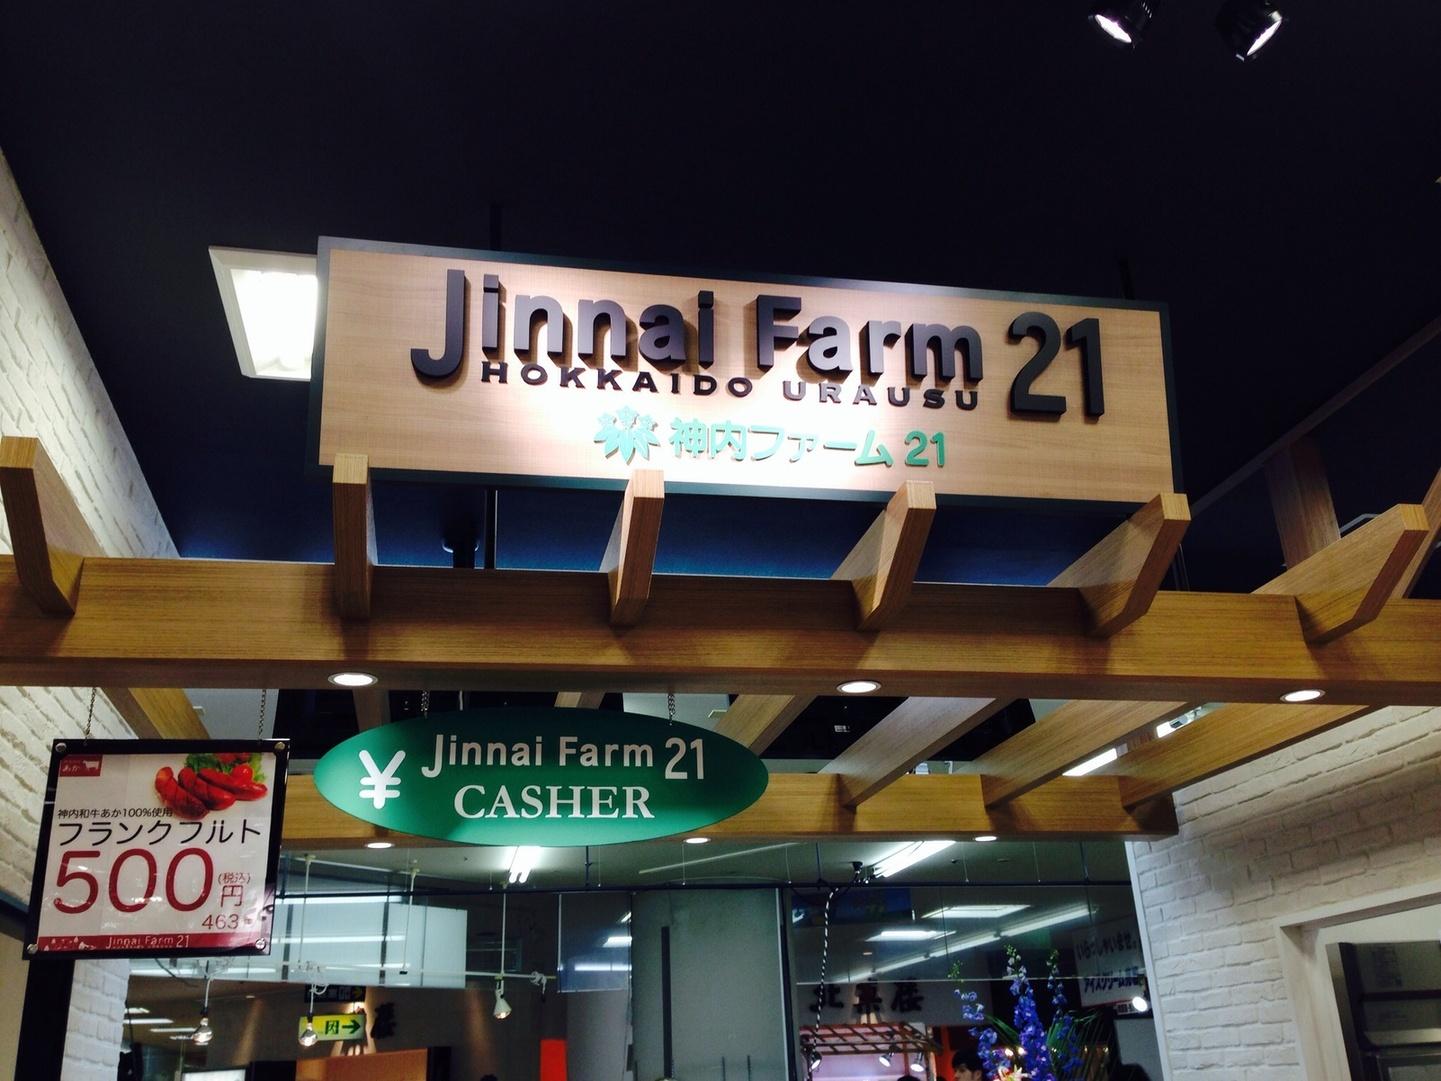 神内ファーム21 砂川店